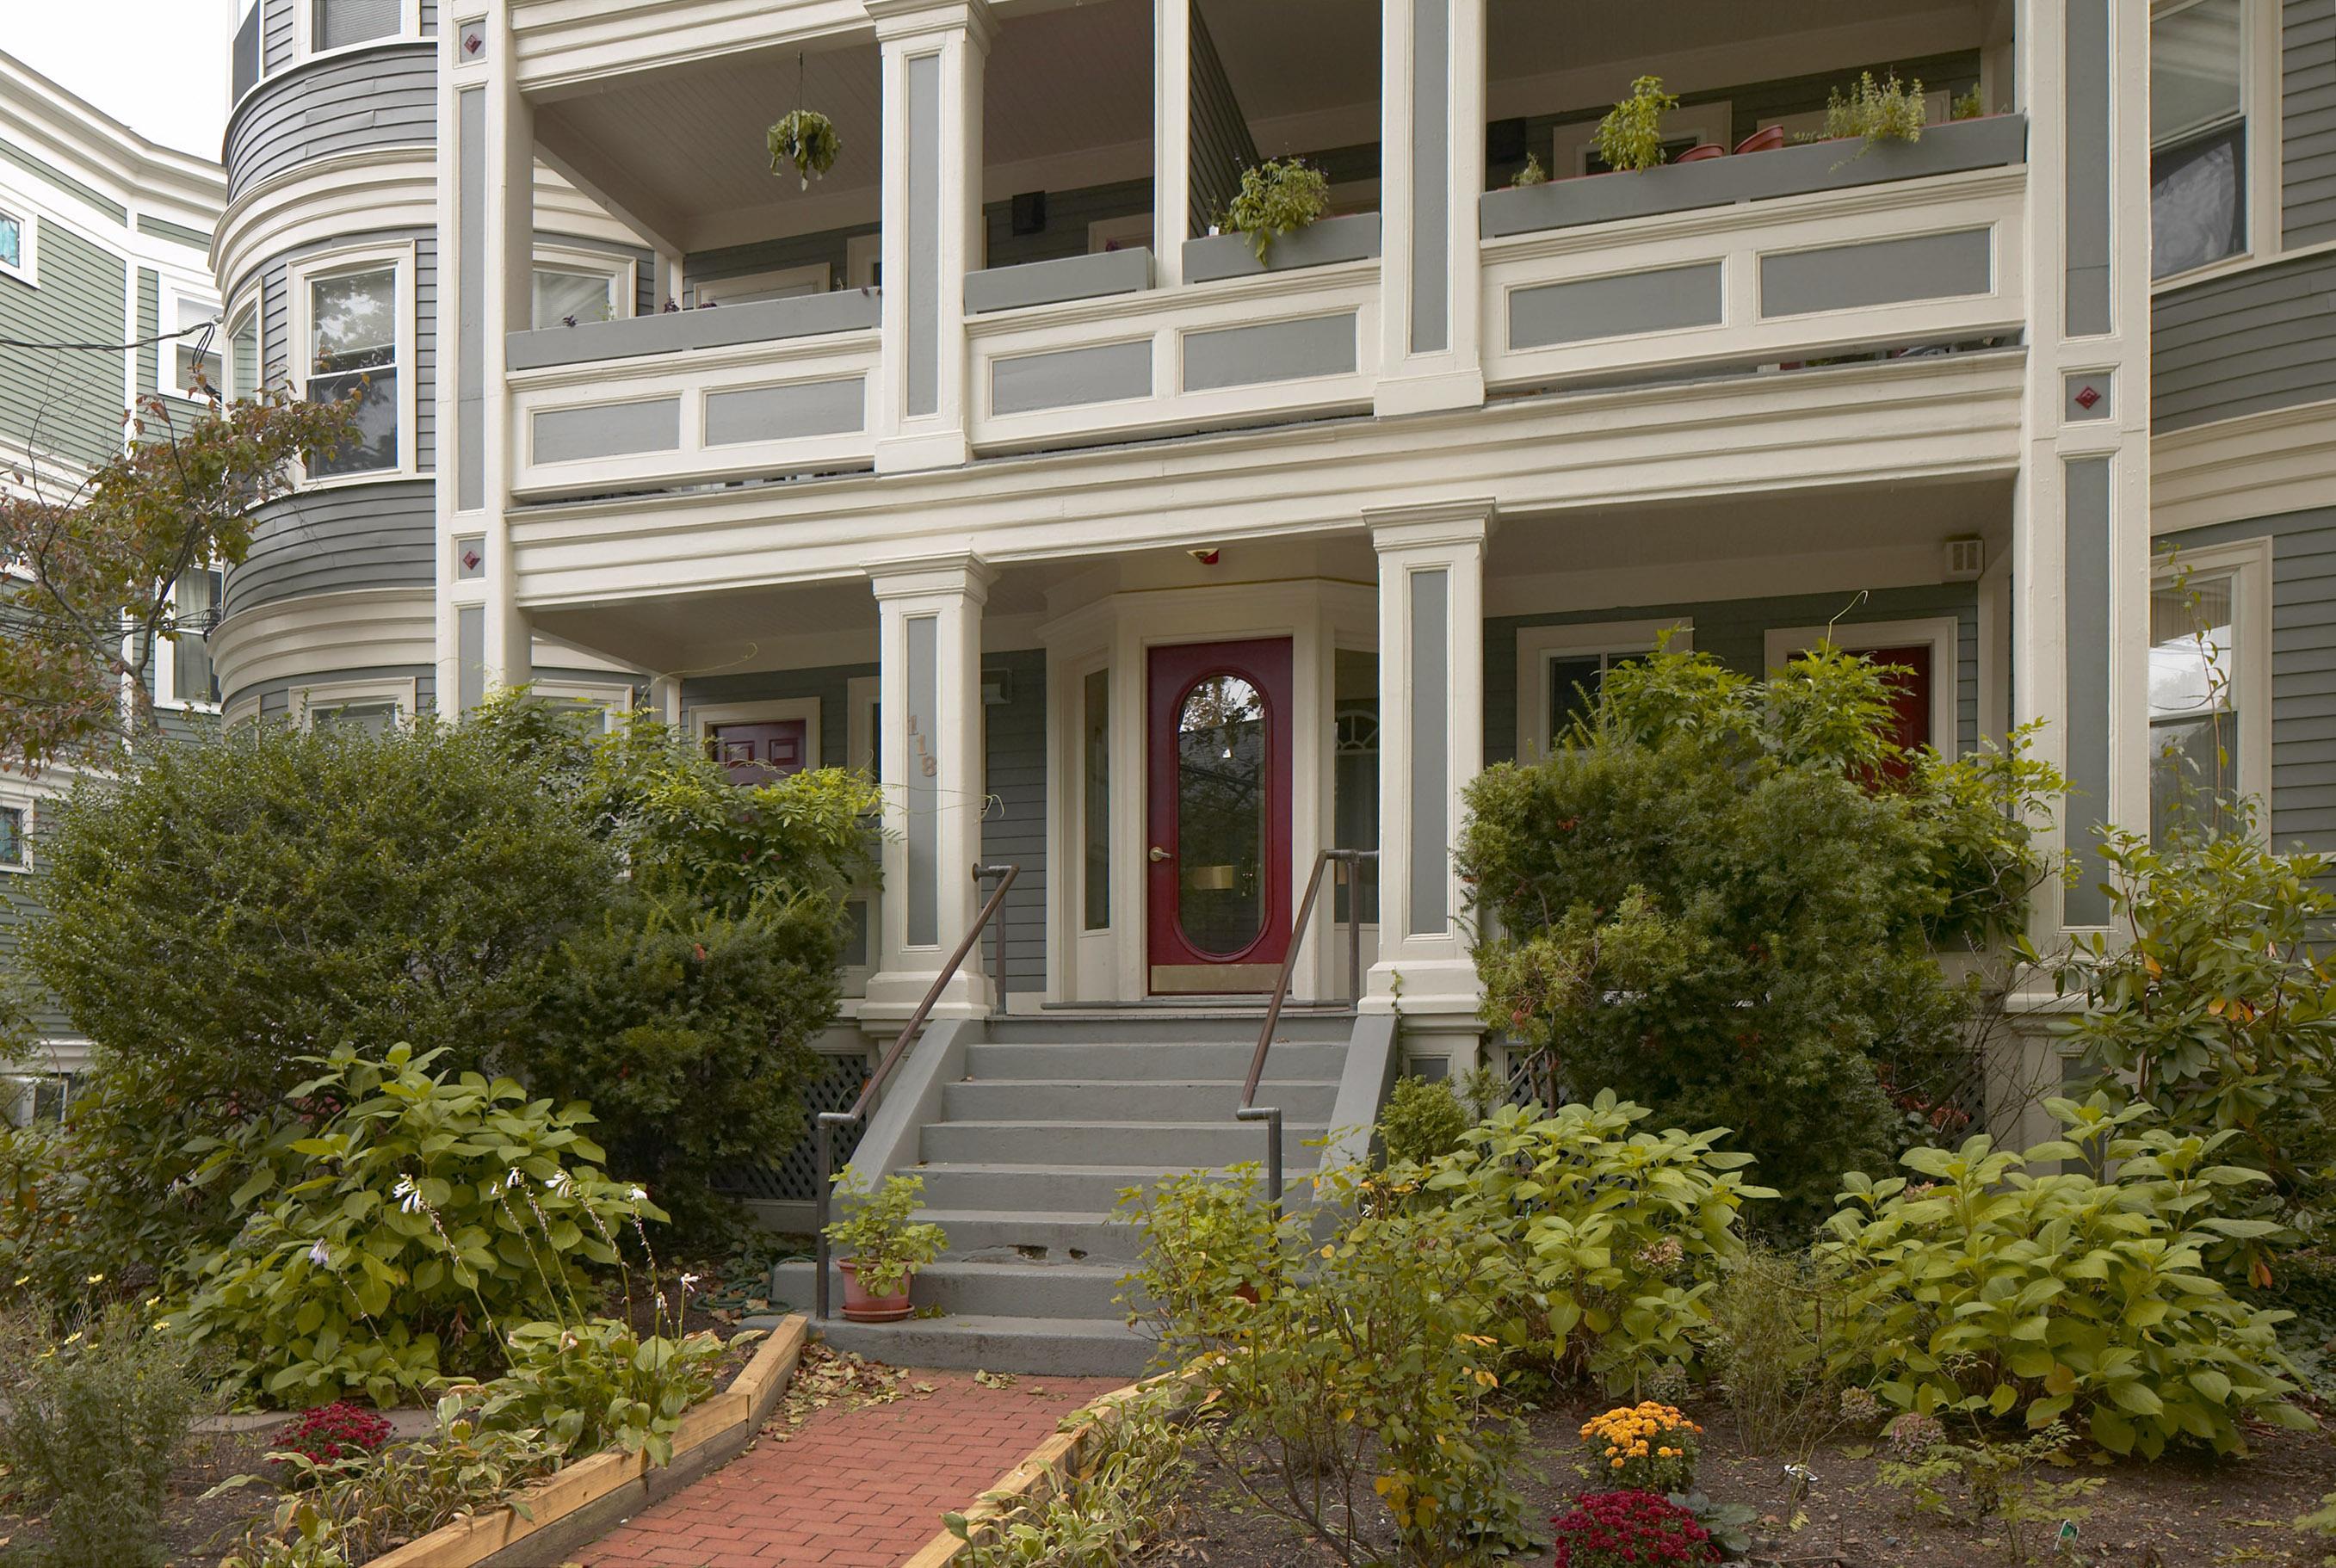 Property For Sale at 118 Trowbridge - Unit 3